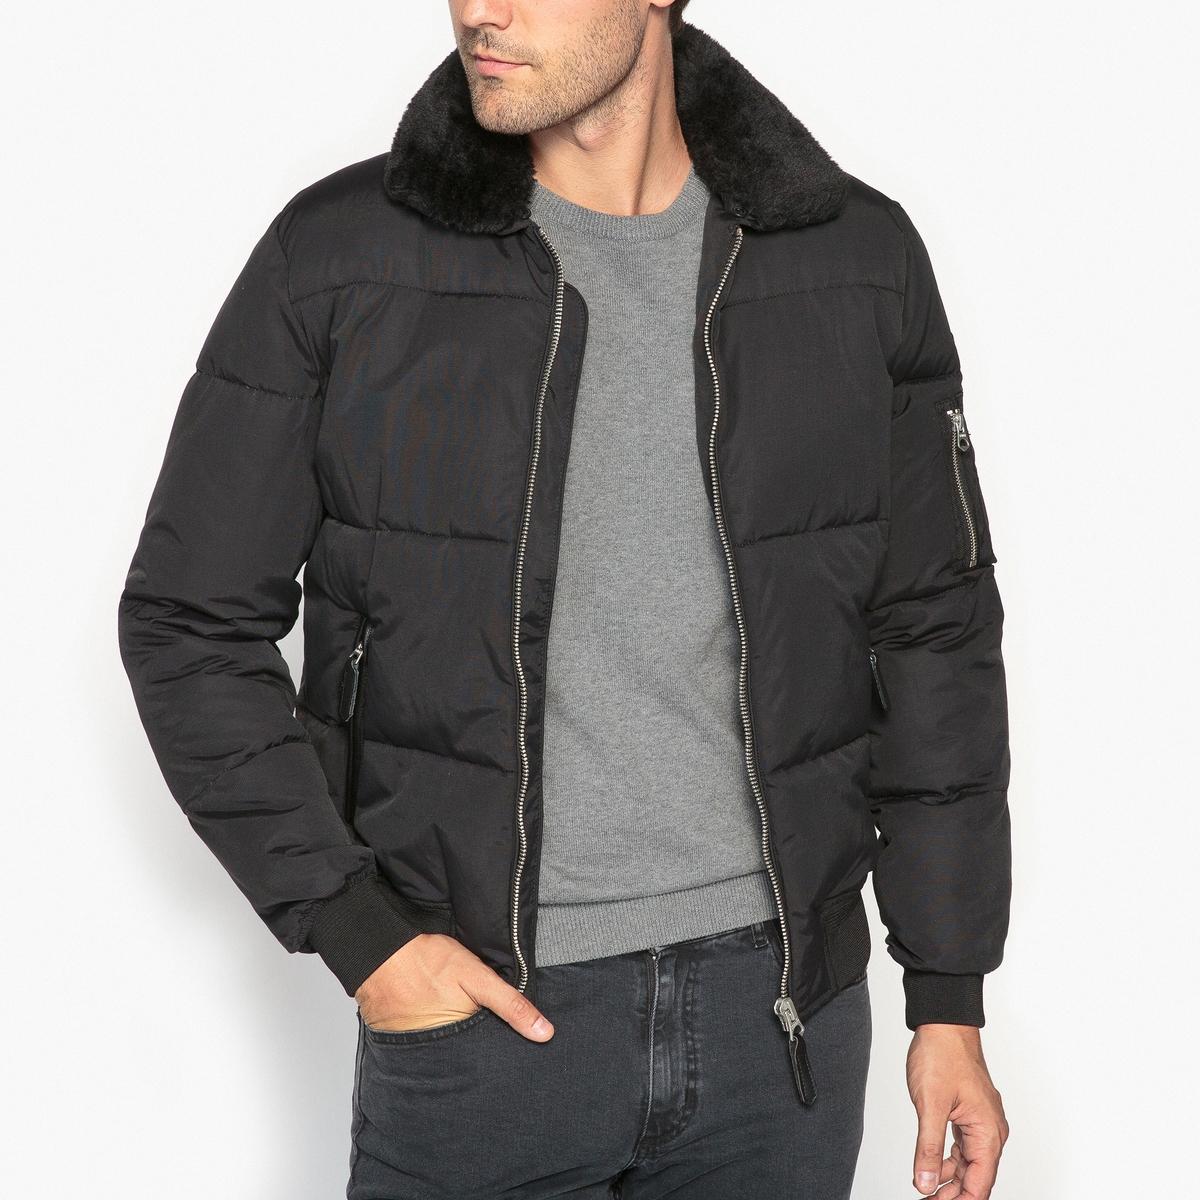 Куртка стеганаяДетали •  Длина : укороченная   •  Воротник-поло, рубашечный  •  Застежка на молниюСостав и уход •  60% хлопка, 40% полиамида  •  Следуйте советам по уходу, указанным на этикетке<br><br>Цвет: черный<br>Размер: L.XL.M